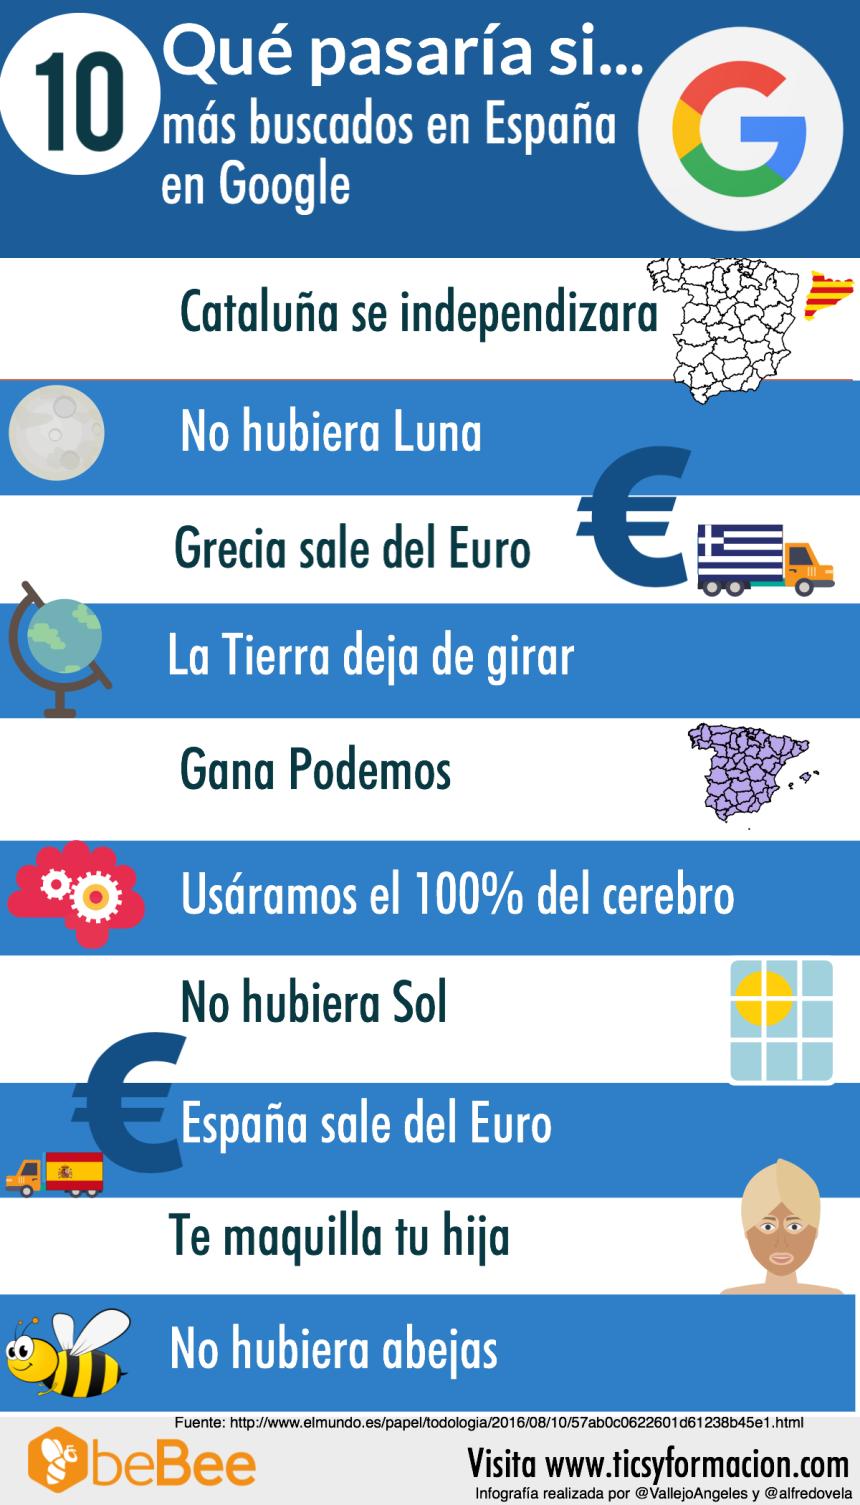 """Los 10 """"Qué pasaría si ..."""" más buscados en Google en España"""